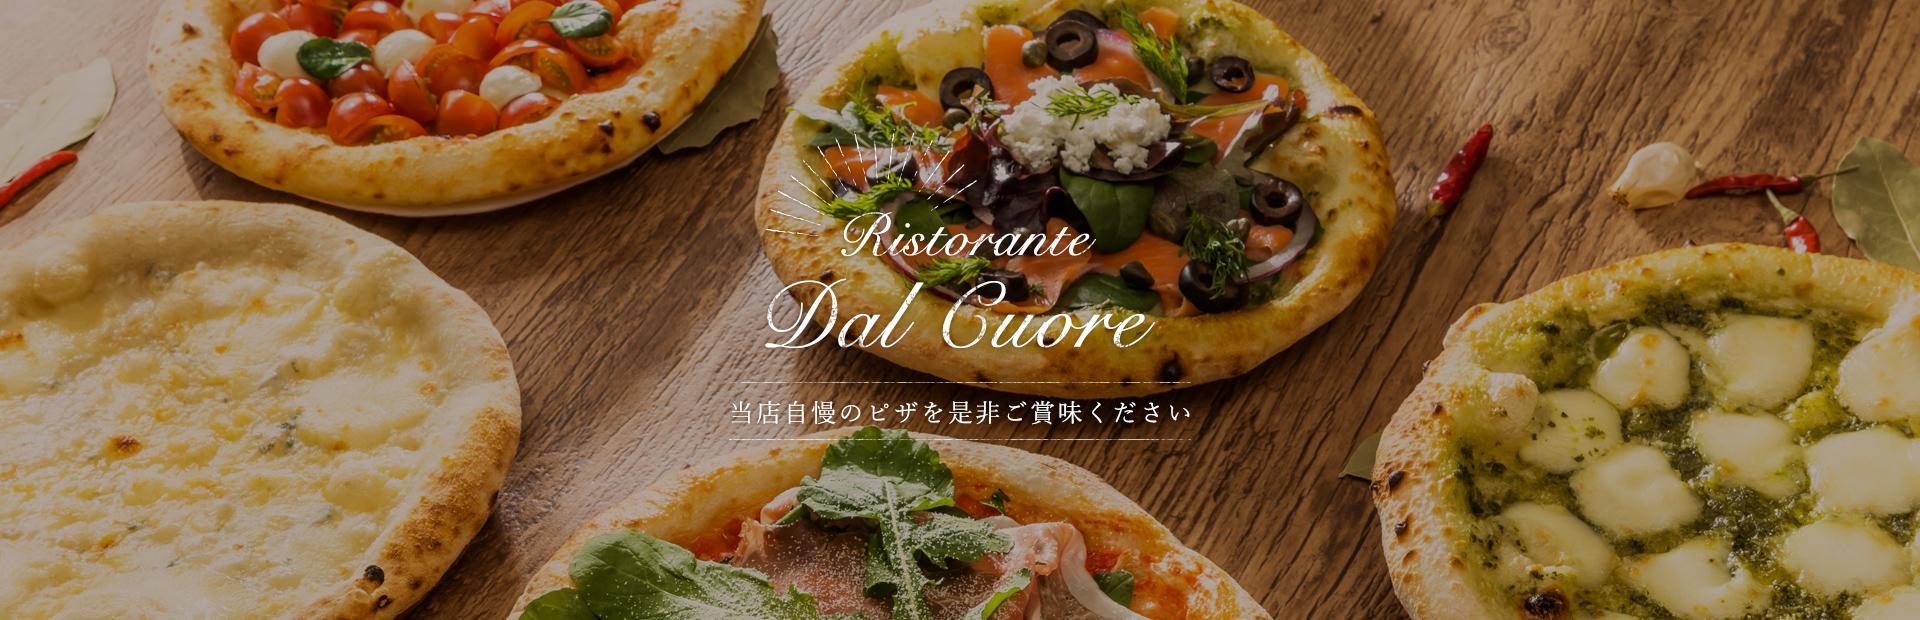 当店自慢のピザをぜひご賞味ください